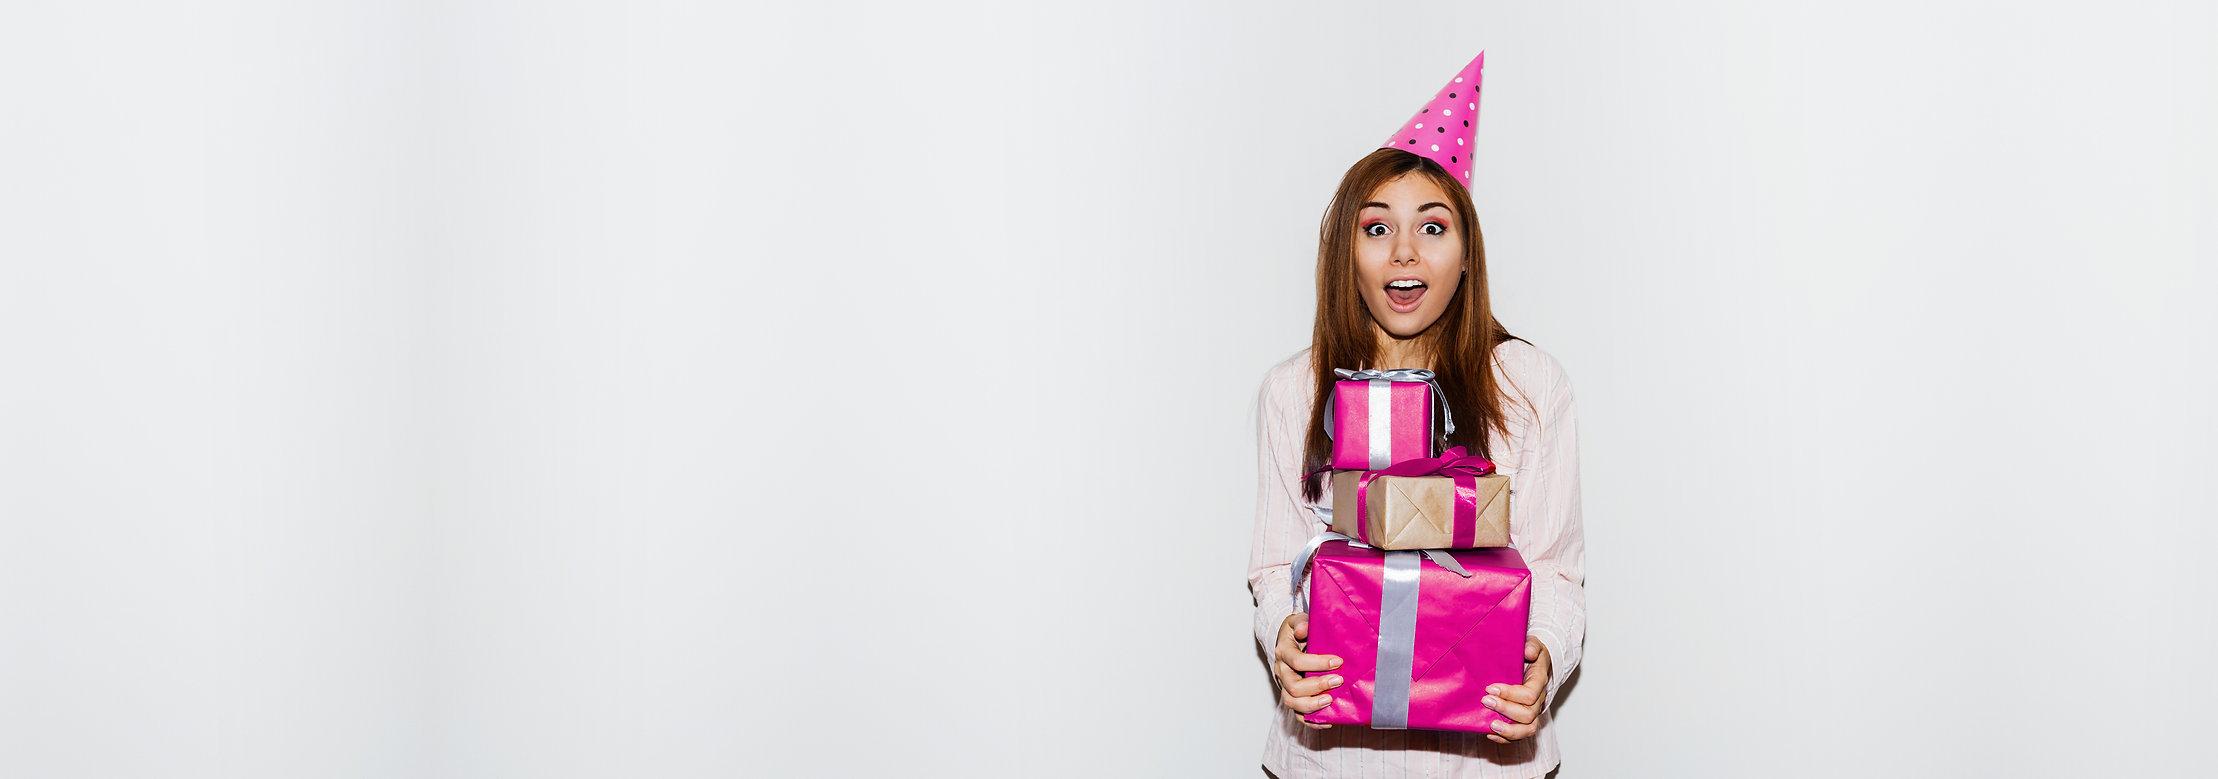 pajamas-birthday-party-cute-girl-with-su